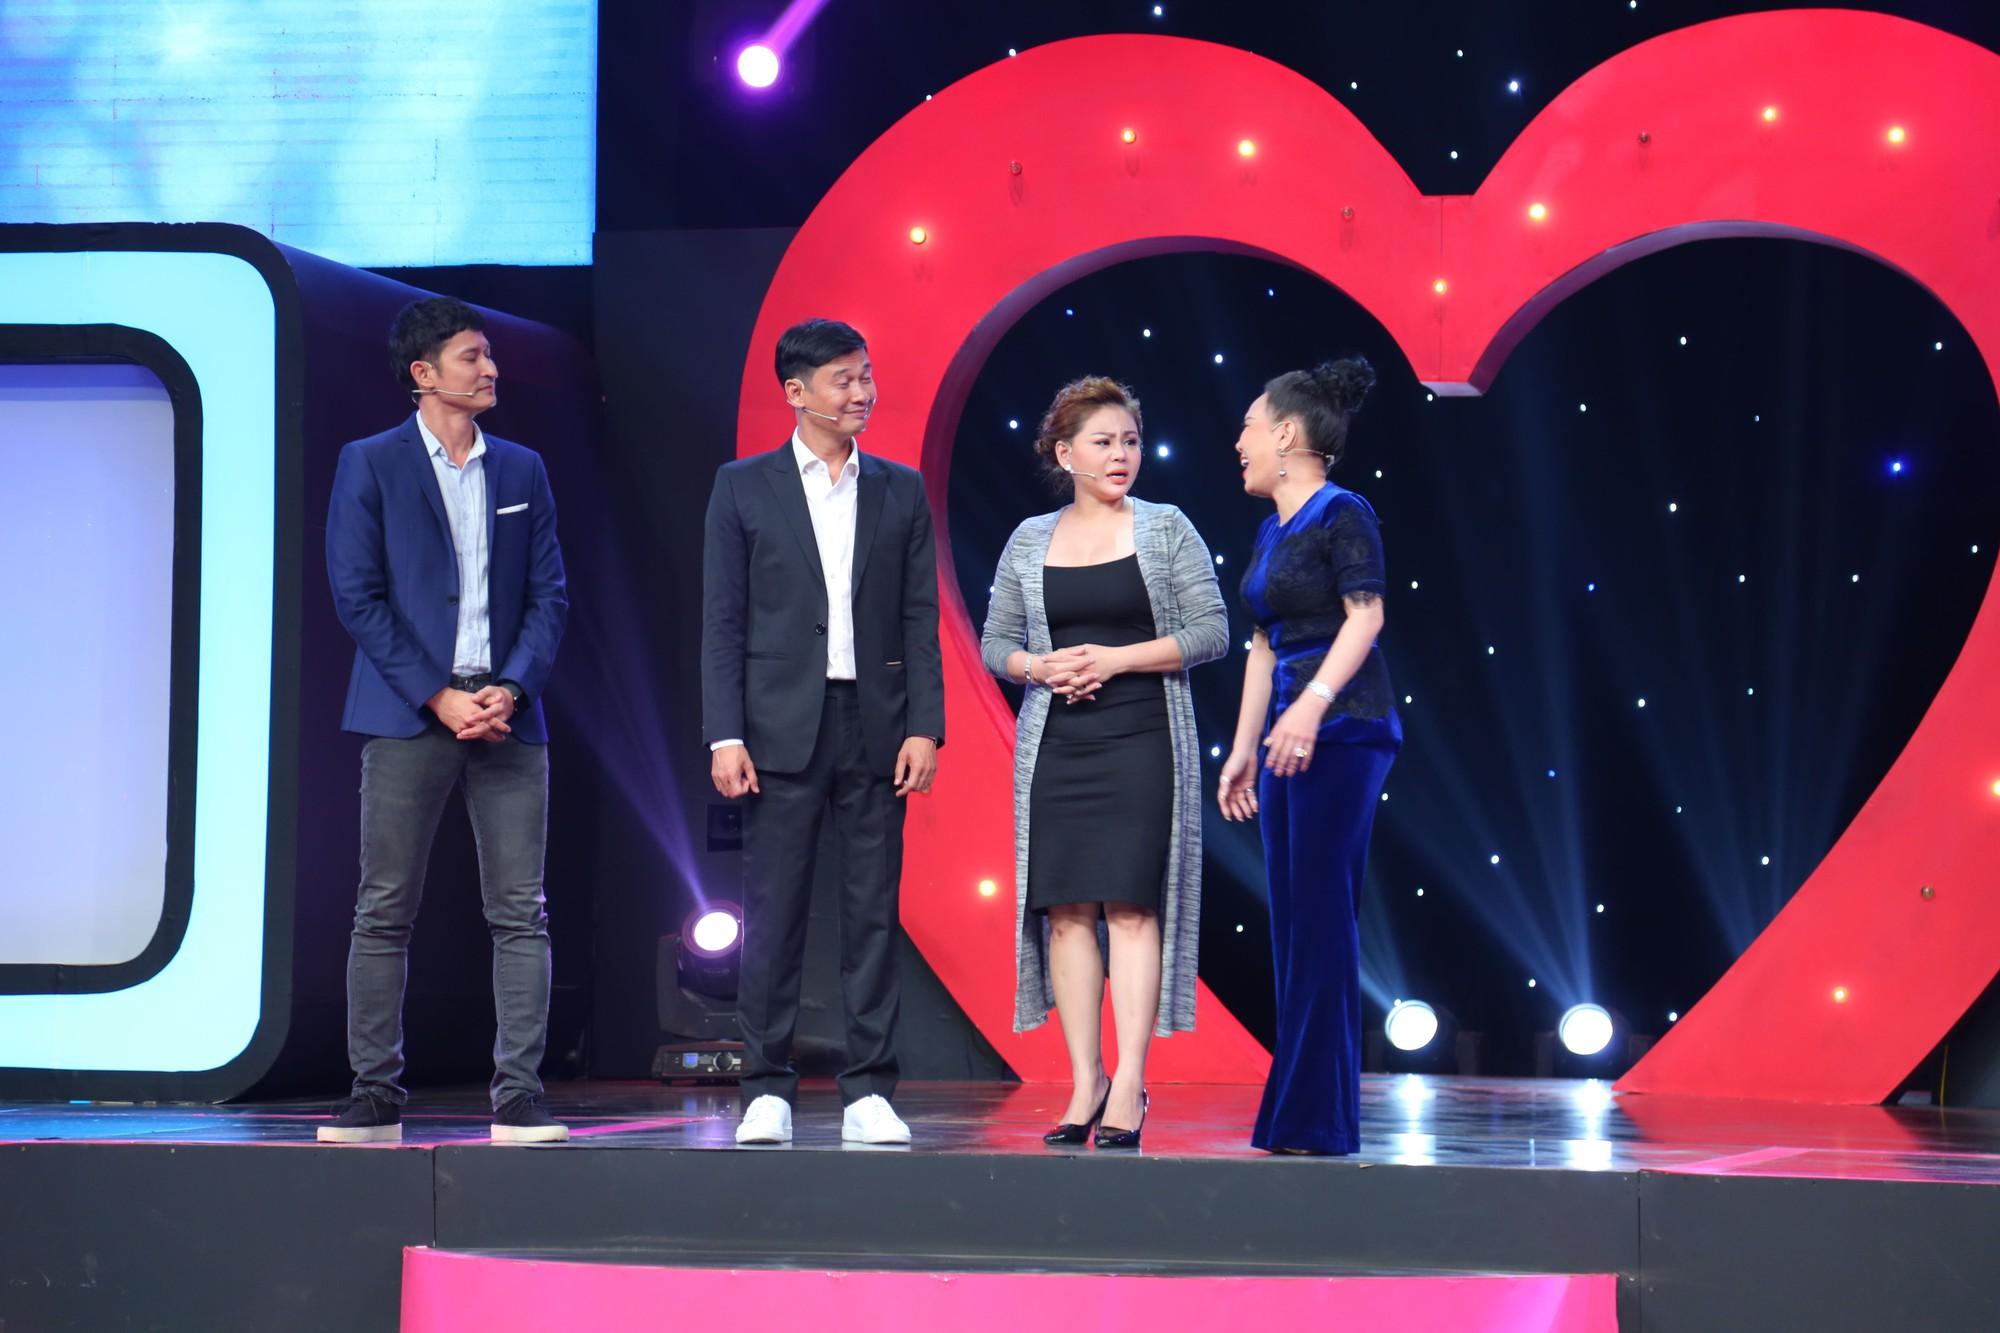 Tiết Cương nhận cái tát trời giáng từ Lê Giang trong show hẹn hò - Ảnh 3.